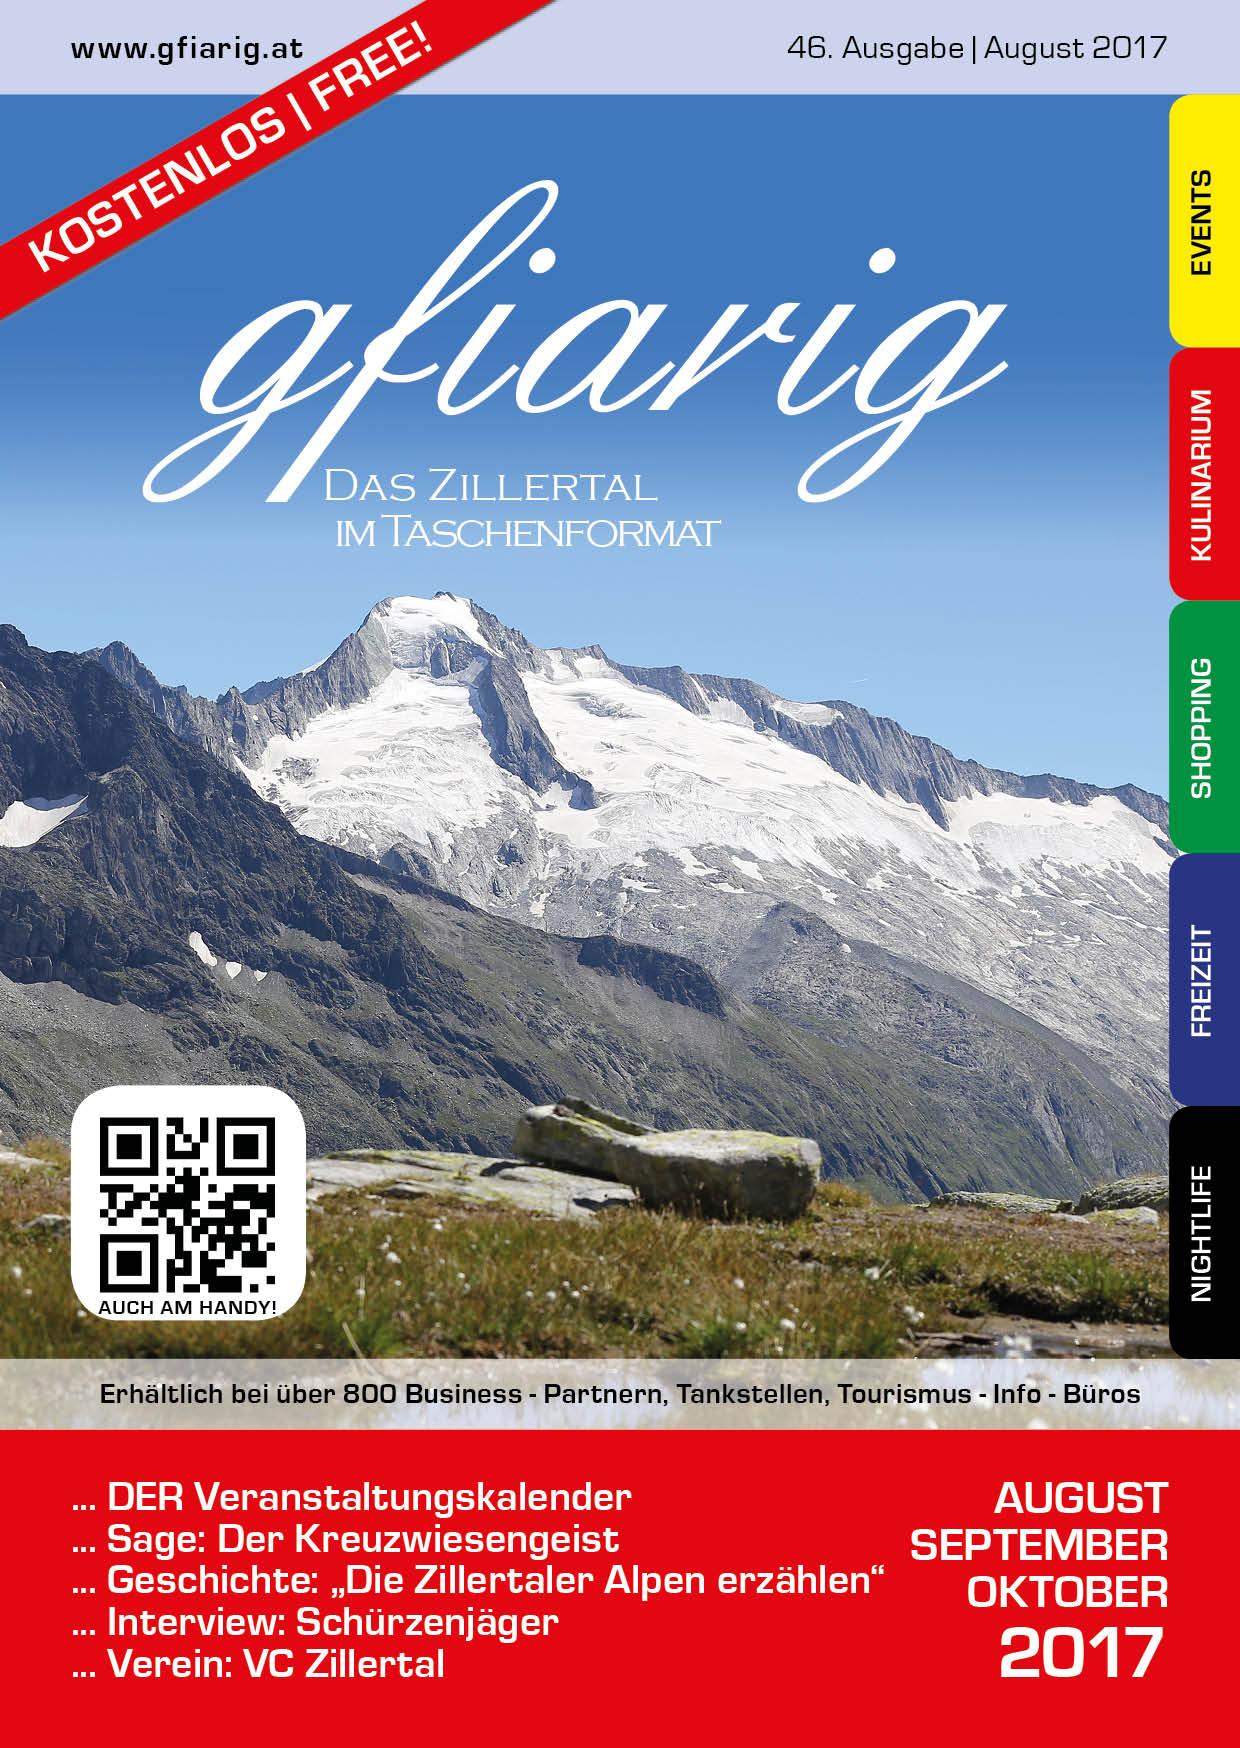 Gfiarig - 46.Ausgabe - August 2017